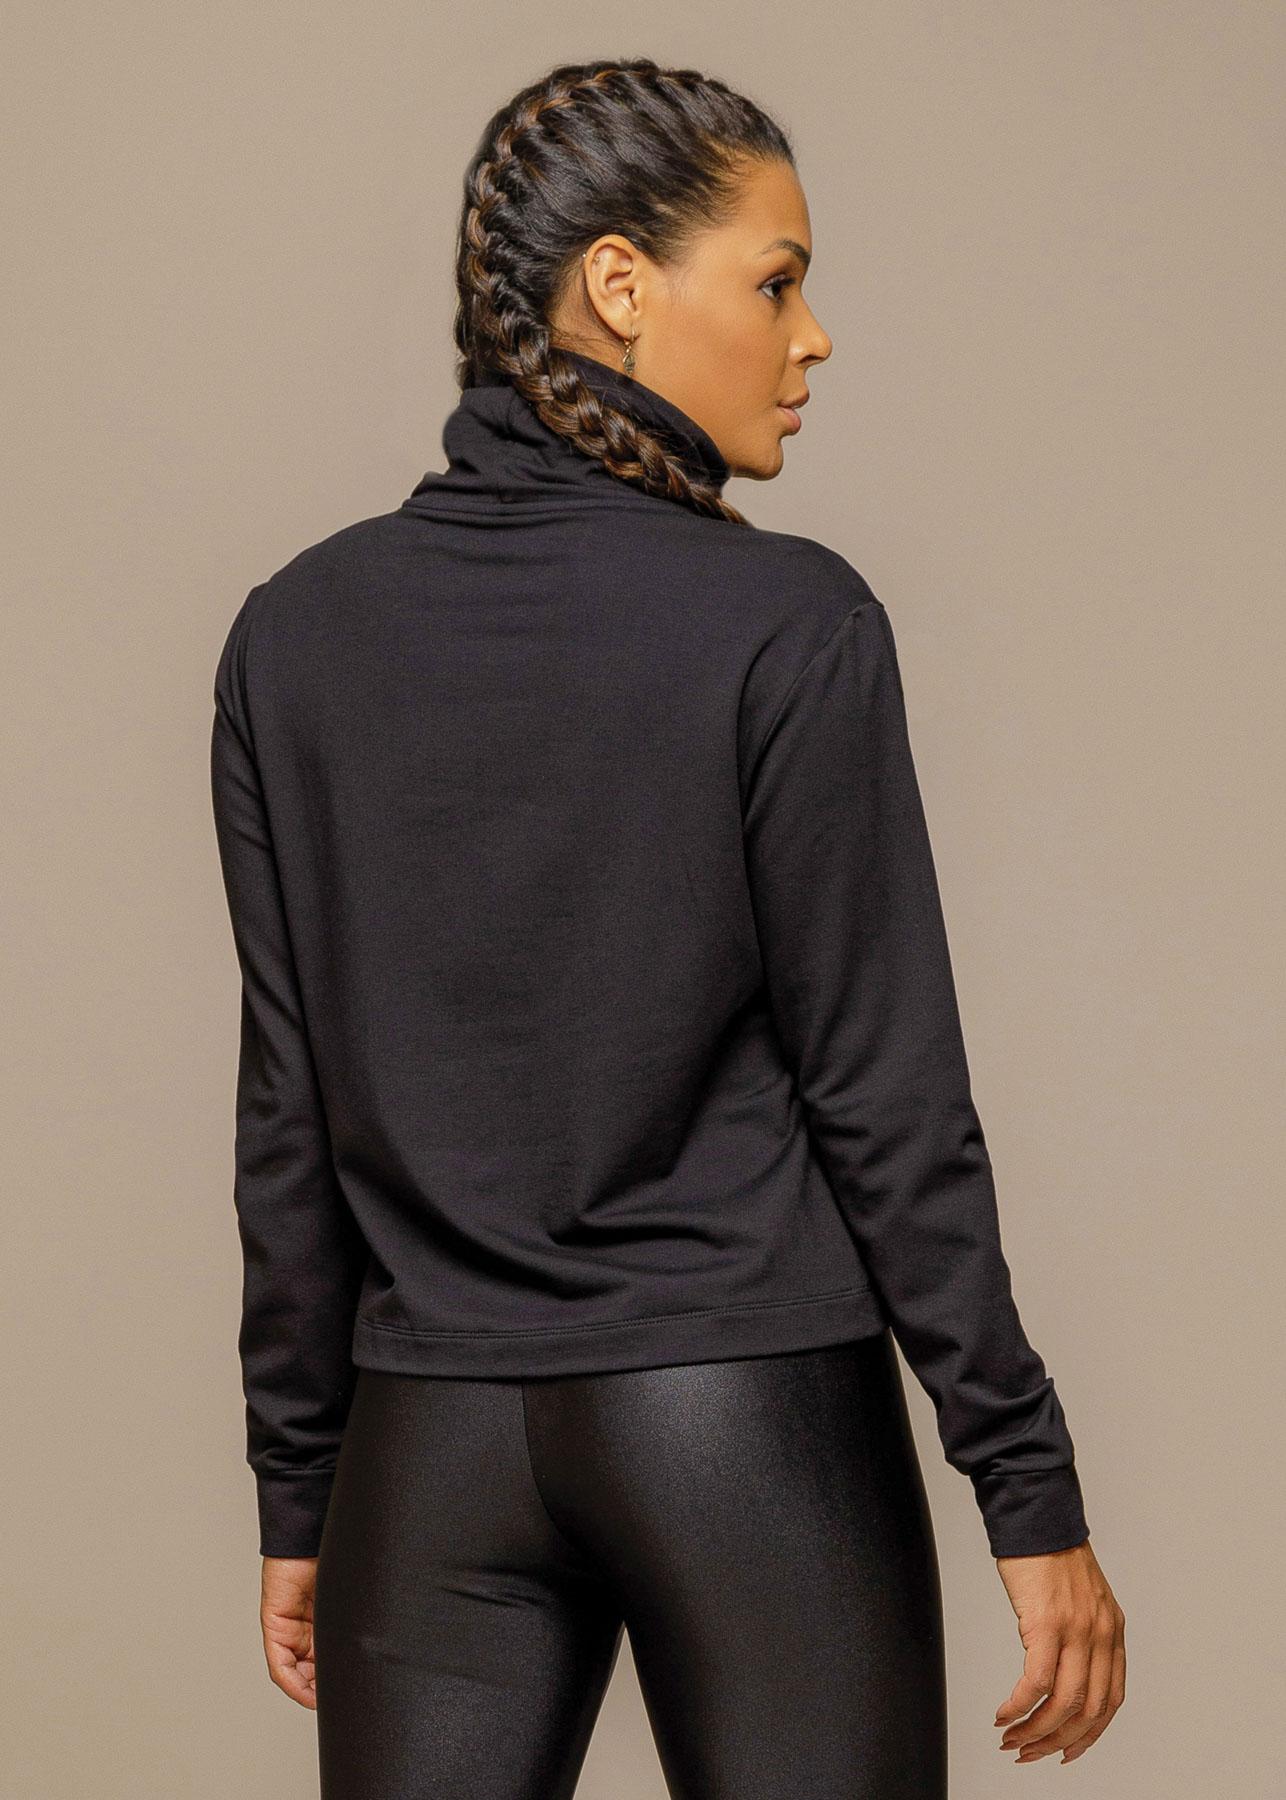 Cropped Sport Fleece Ilhos